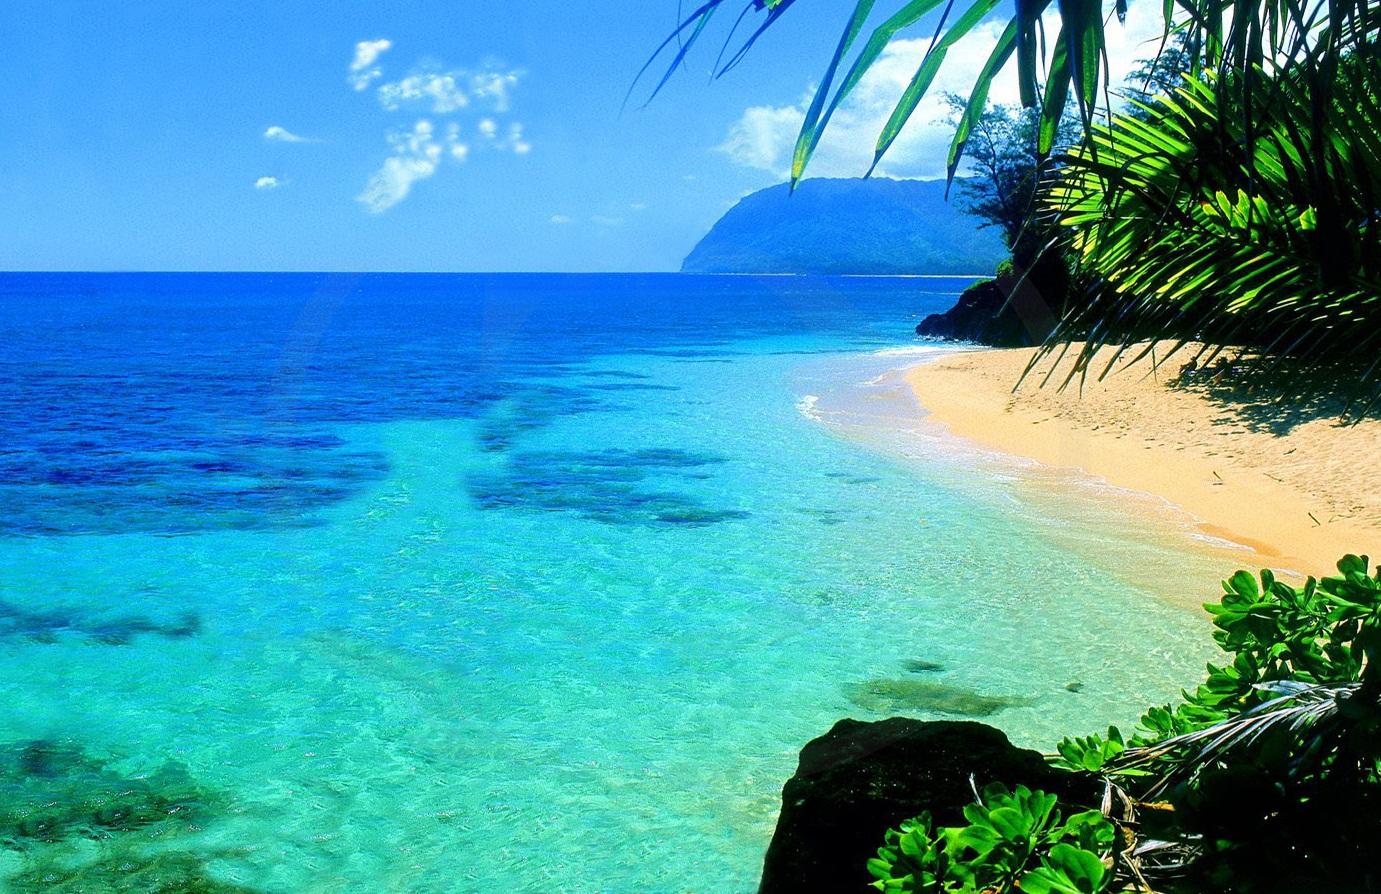 Tourism: Hawaii Island